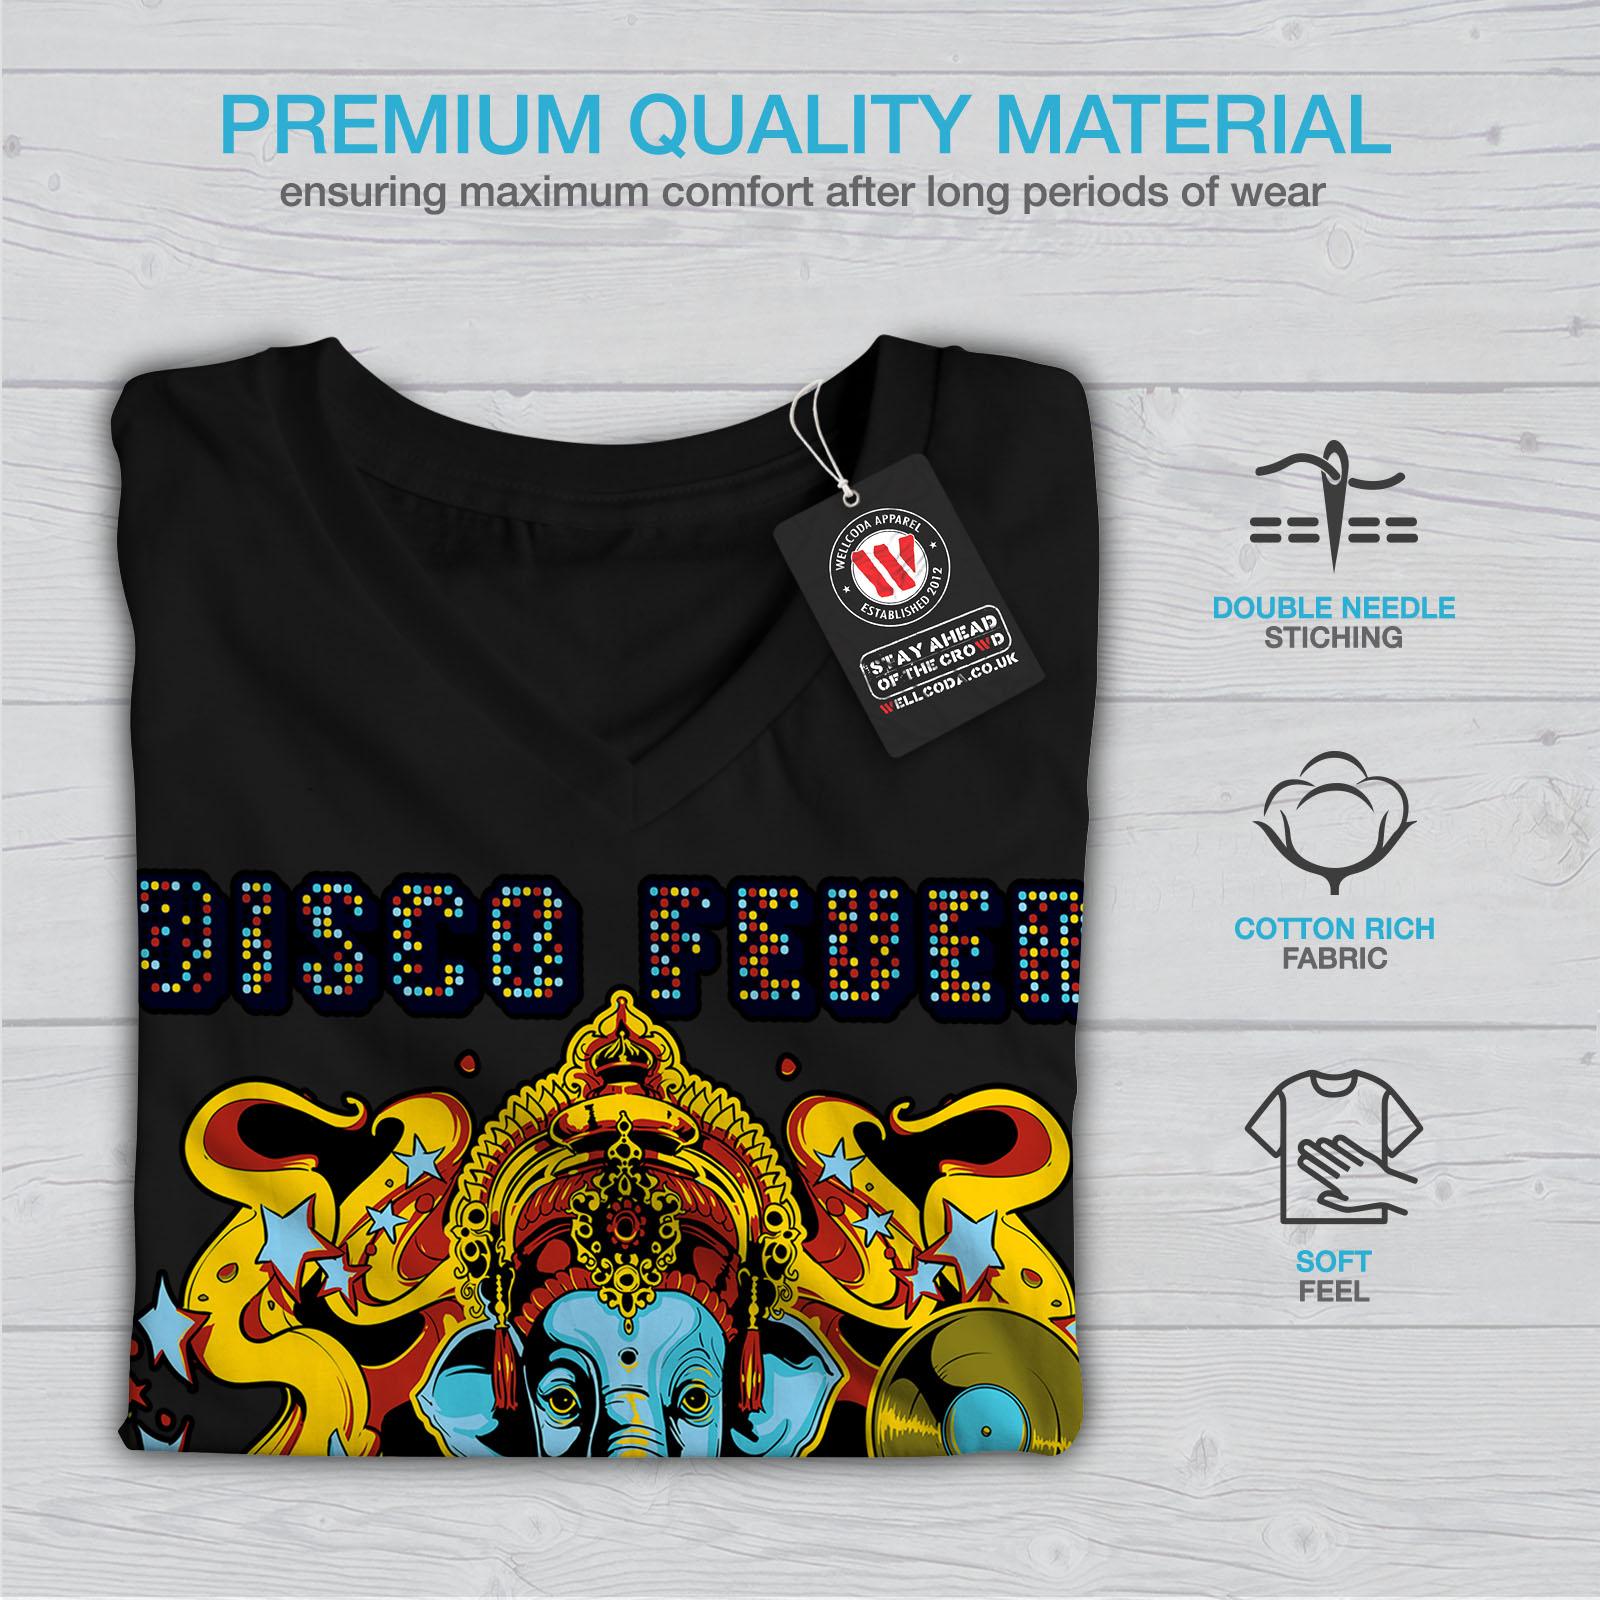 fe398330e Disco Fever Elephant Women V-Neck T-shirt NEW